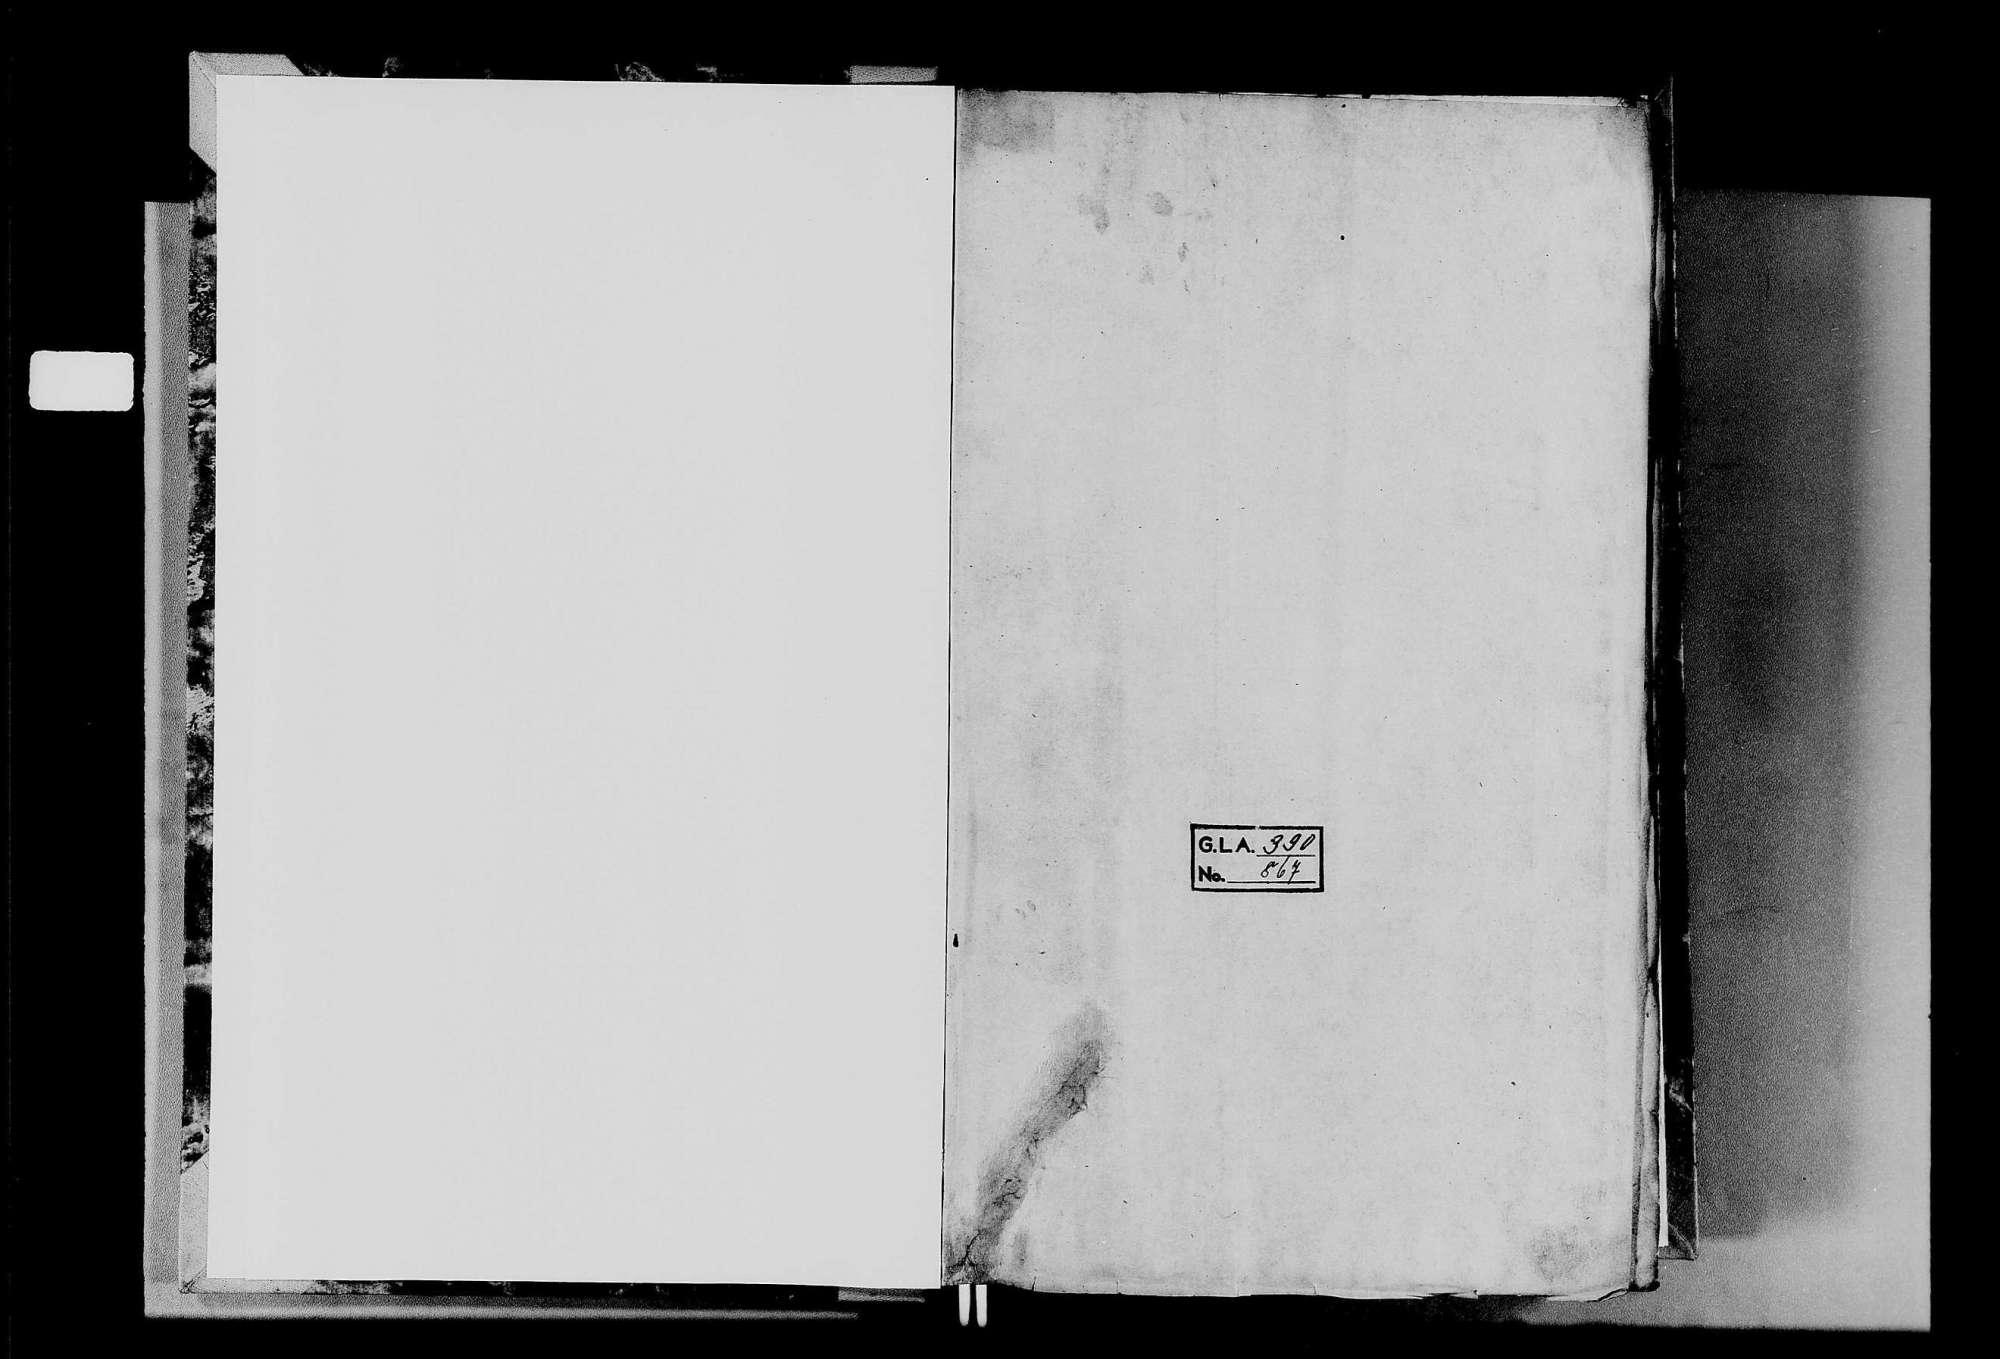 Bühlertal, katholische Gemeinde: Sterbebuch 1810-1833, Bild 2